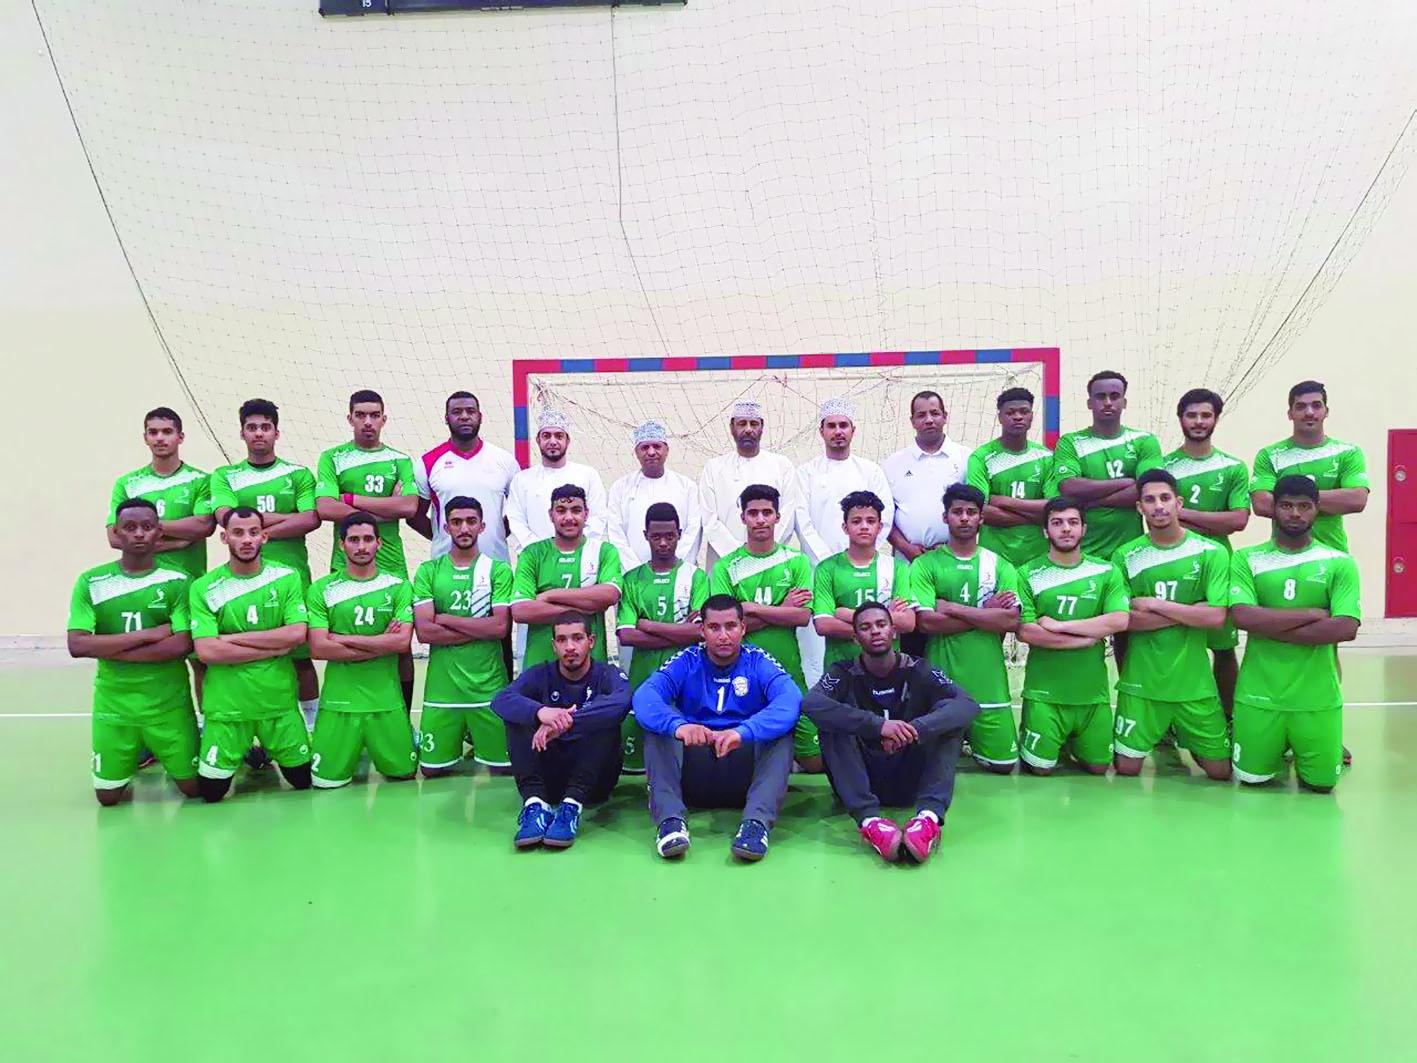 تستضيفها السلطنة بمحافظة ظفار«اليد» يوقع اتفاقية تسويق البطولة الآسيوية للشباب